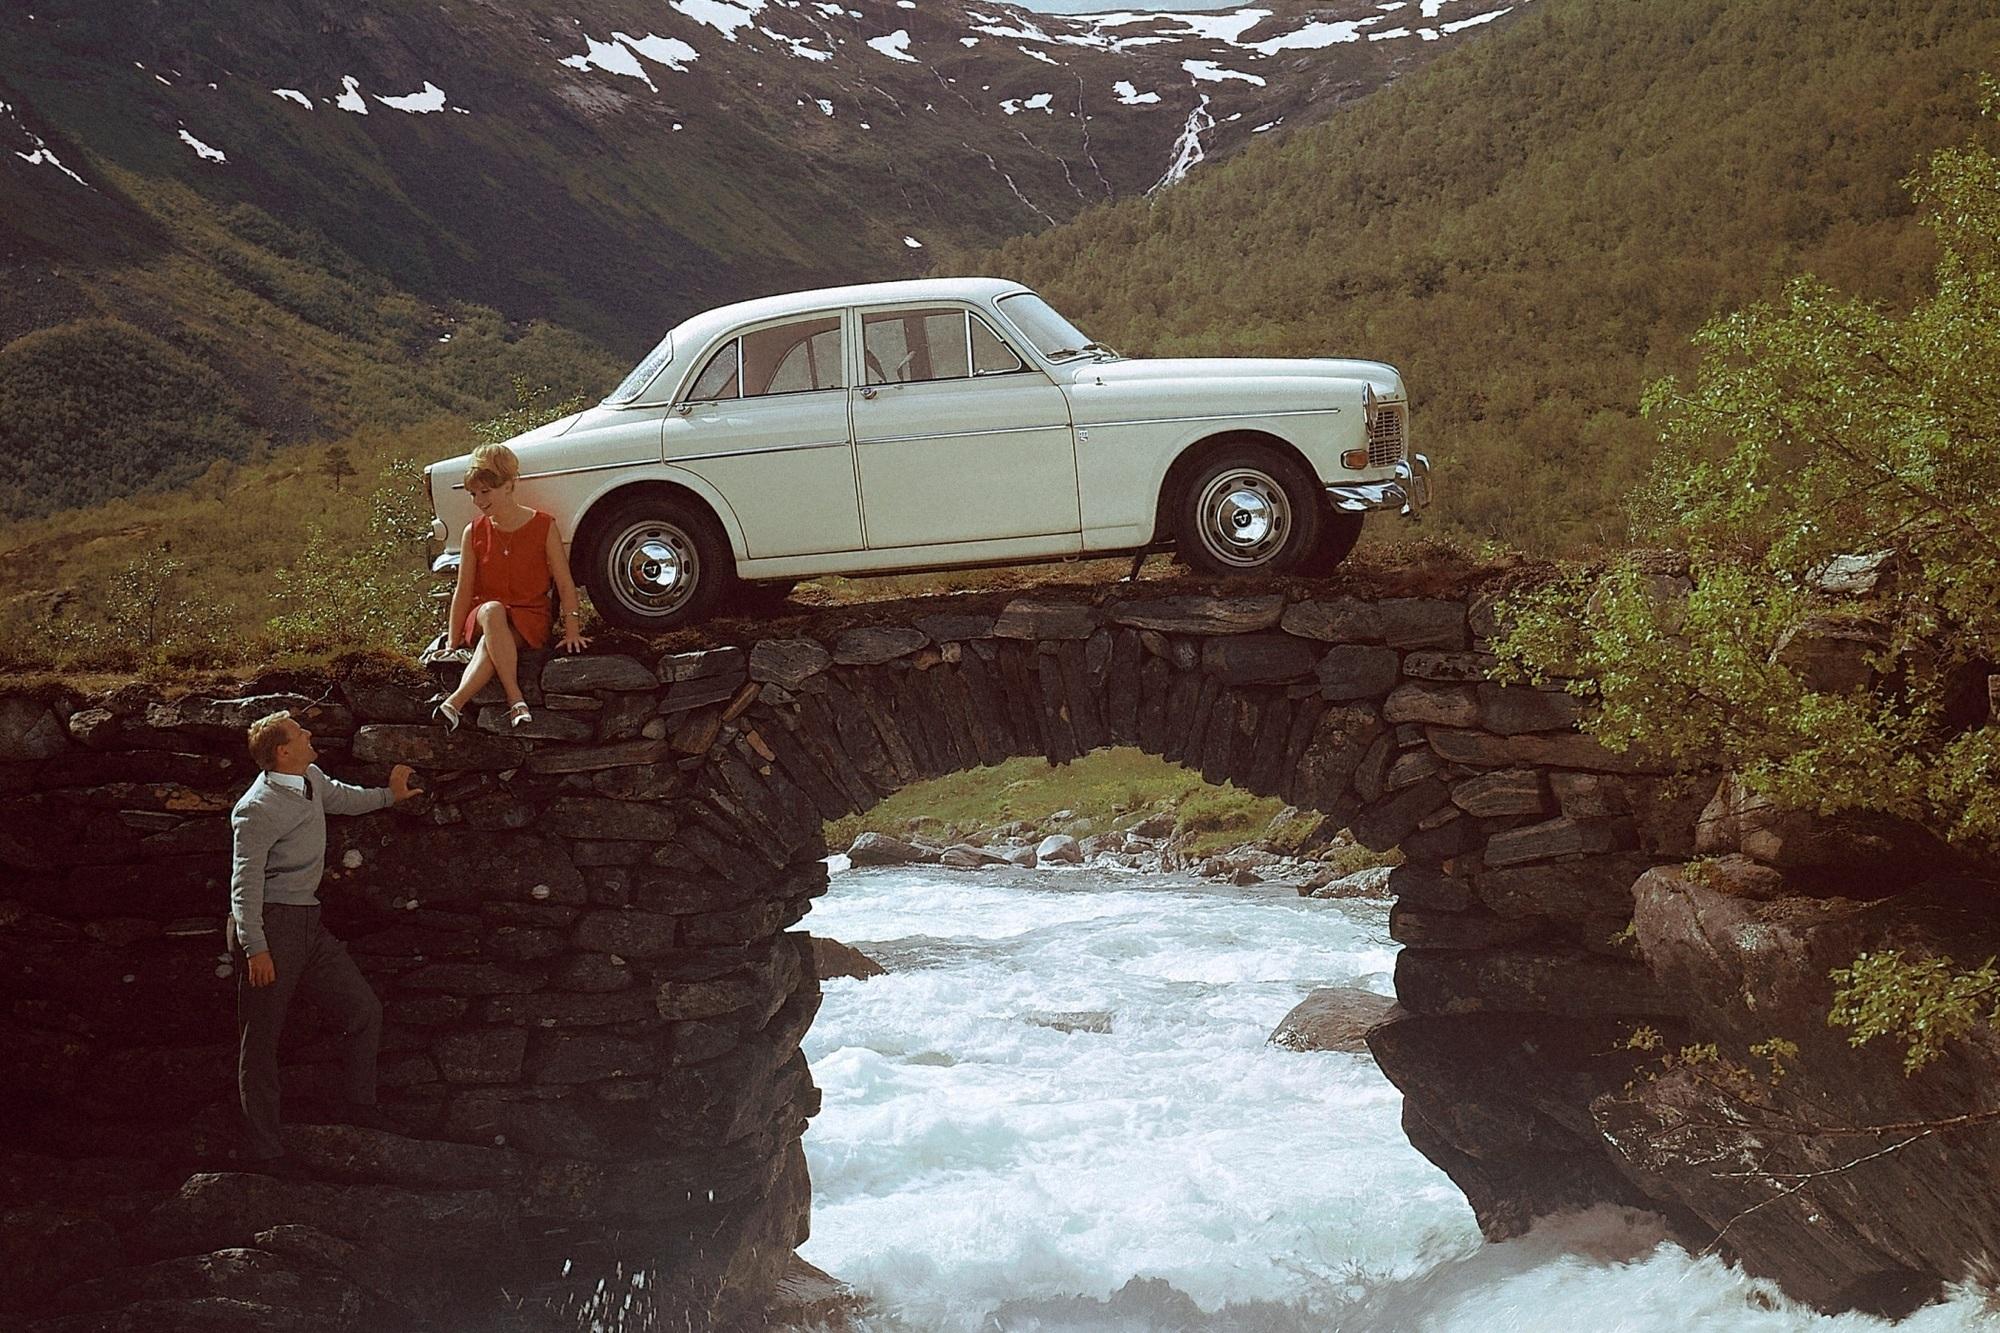 50 Jahre Sportler im Businessdress (schnelle Viertürer von Alfa bis Volvo) - Tempo im Trend